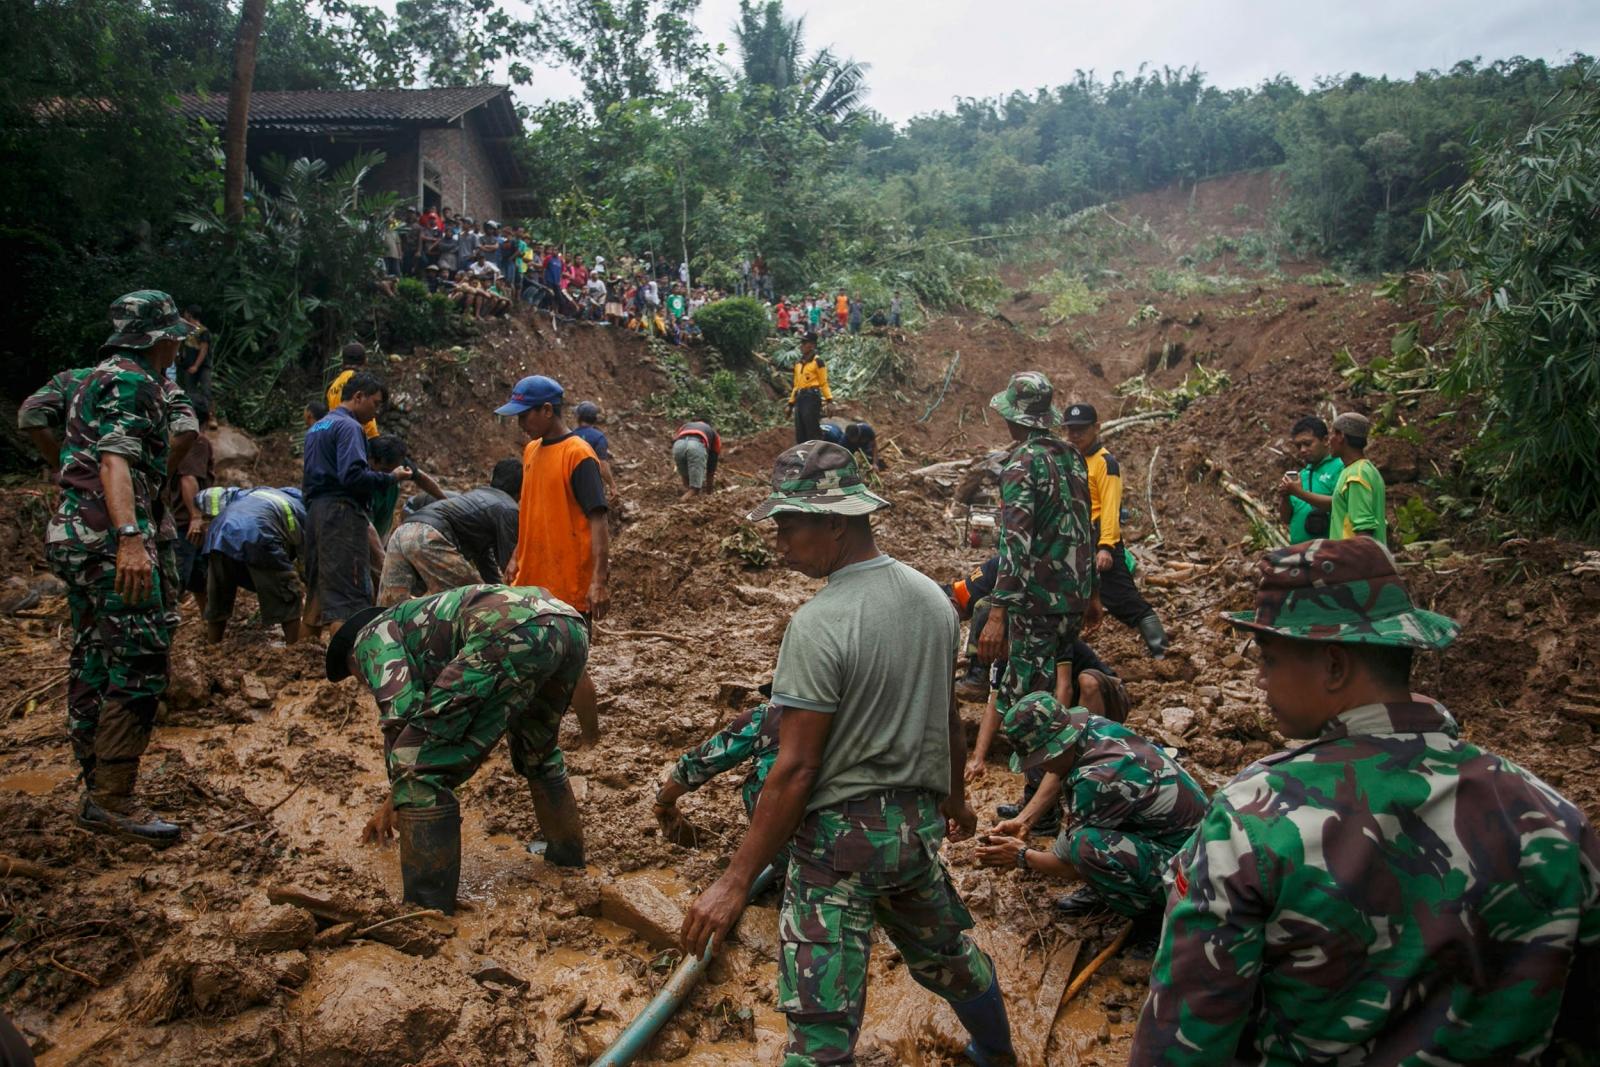 Indonesian landslides